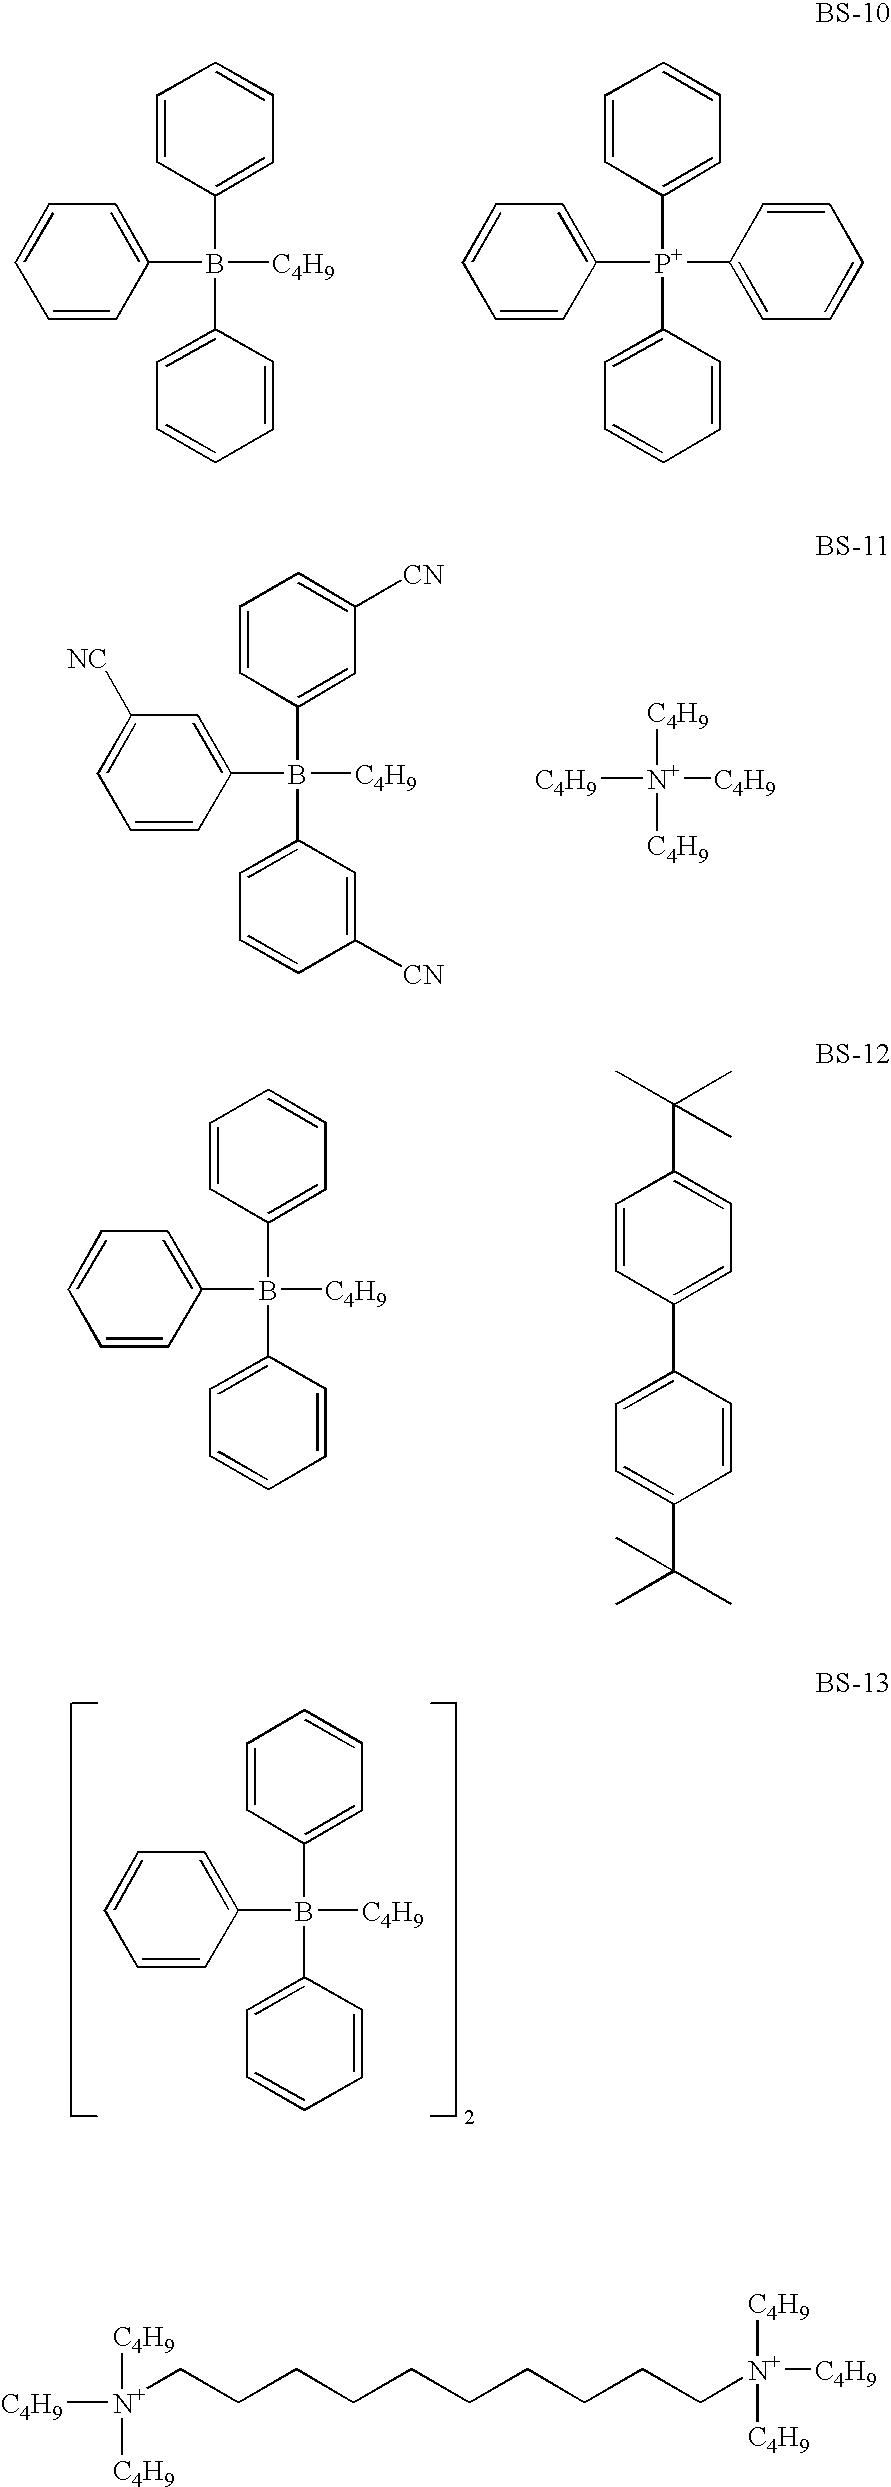 Figure US20050084790A1-20050421-C00013